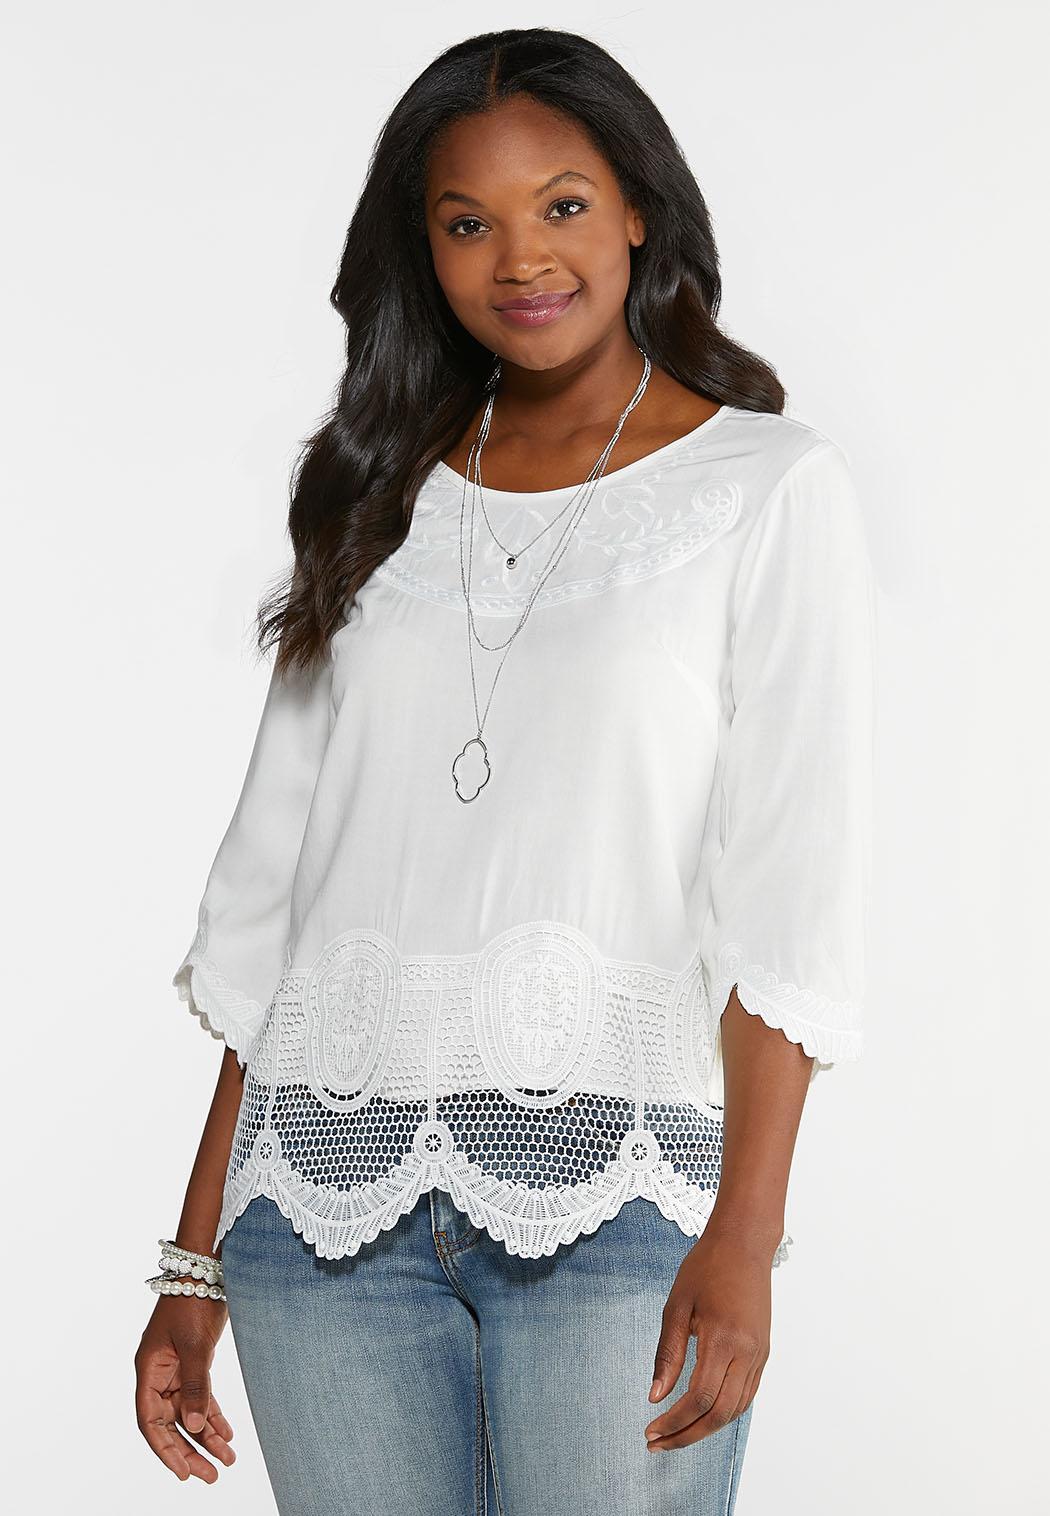 56c4c452 Women's Plus Size Shirts & Blouses